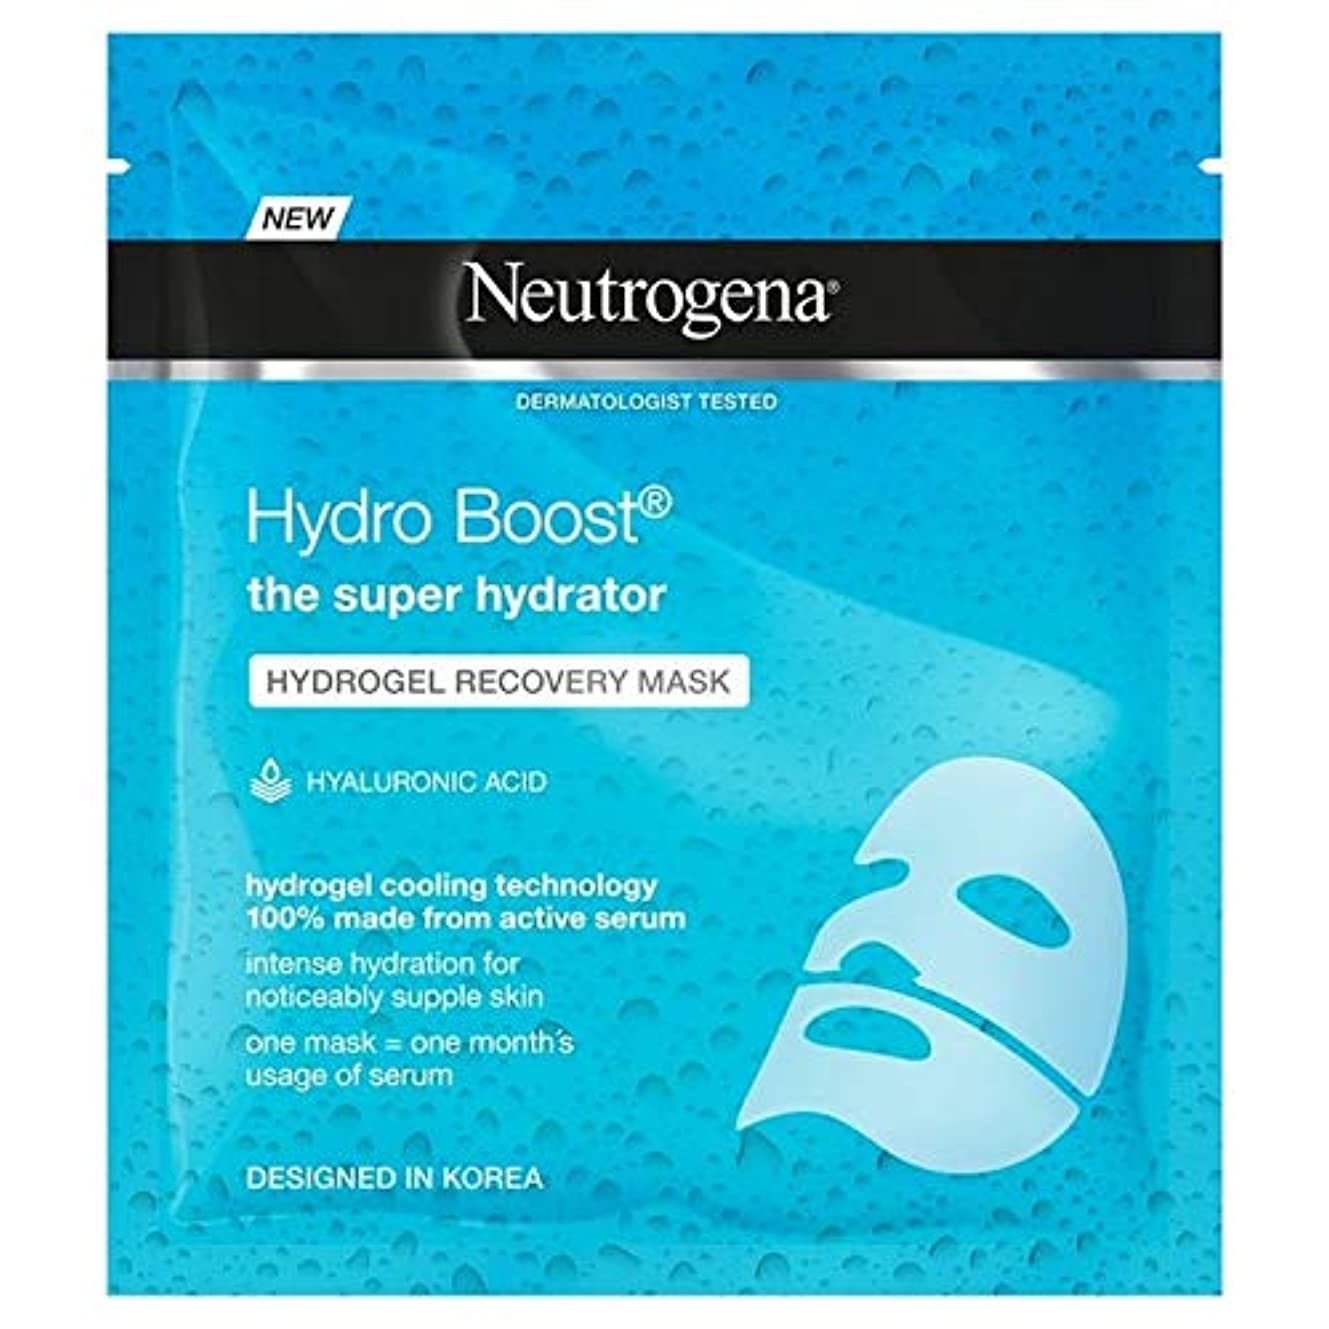 成功シミュレートする彼の[Neutrogena] ニュートロジーナ水力発電はハイドロゲルマスク30ミリリットルを後押し - Neutrogena Hydro Boost Hydrogel Mask 30ml [並行輸入品]